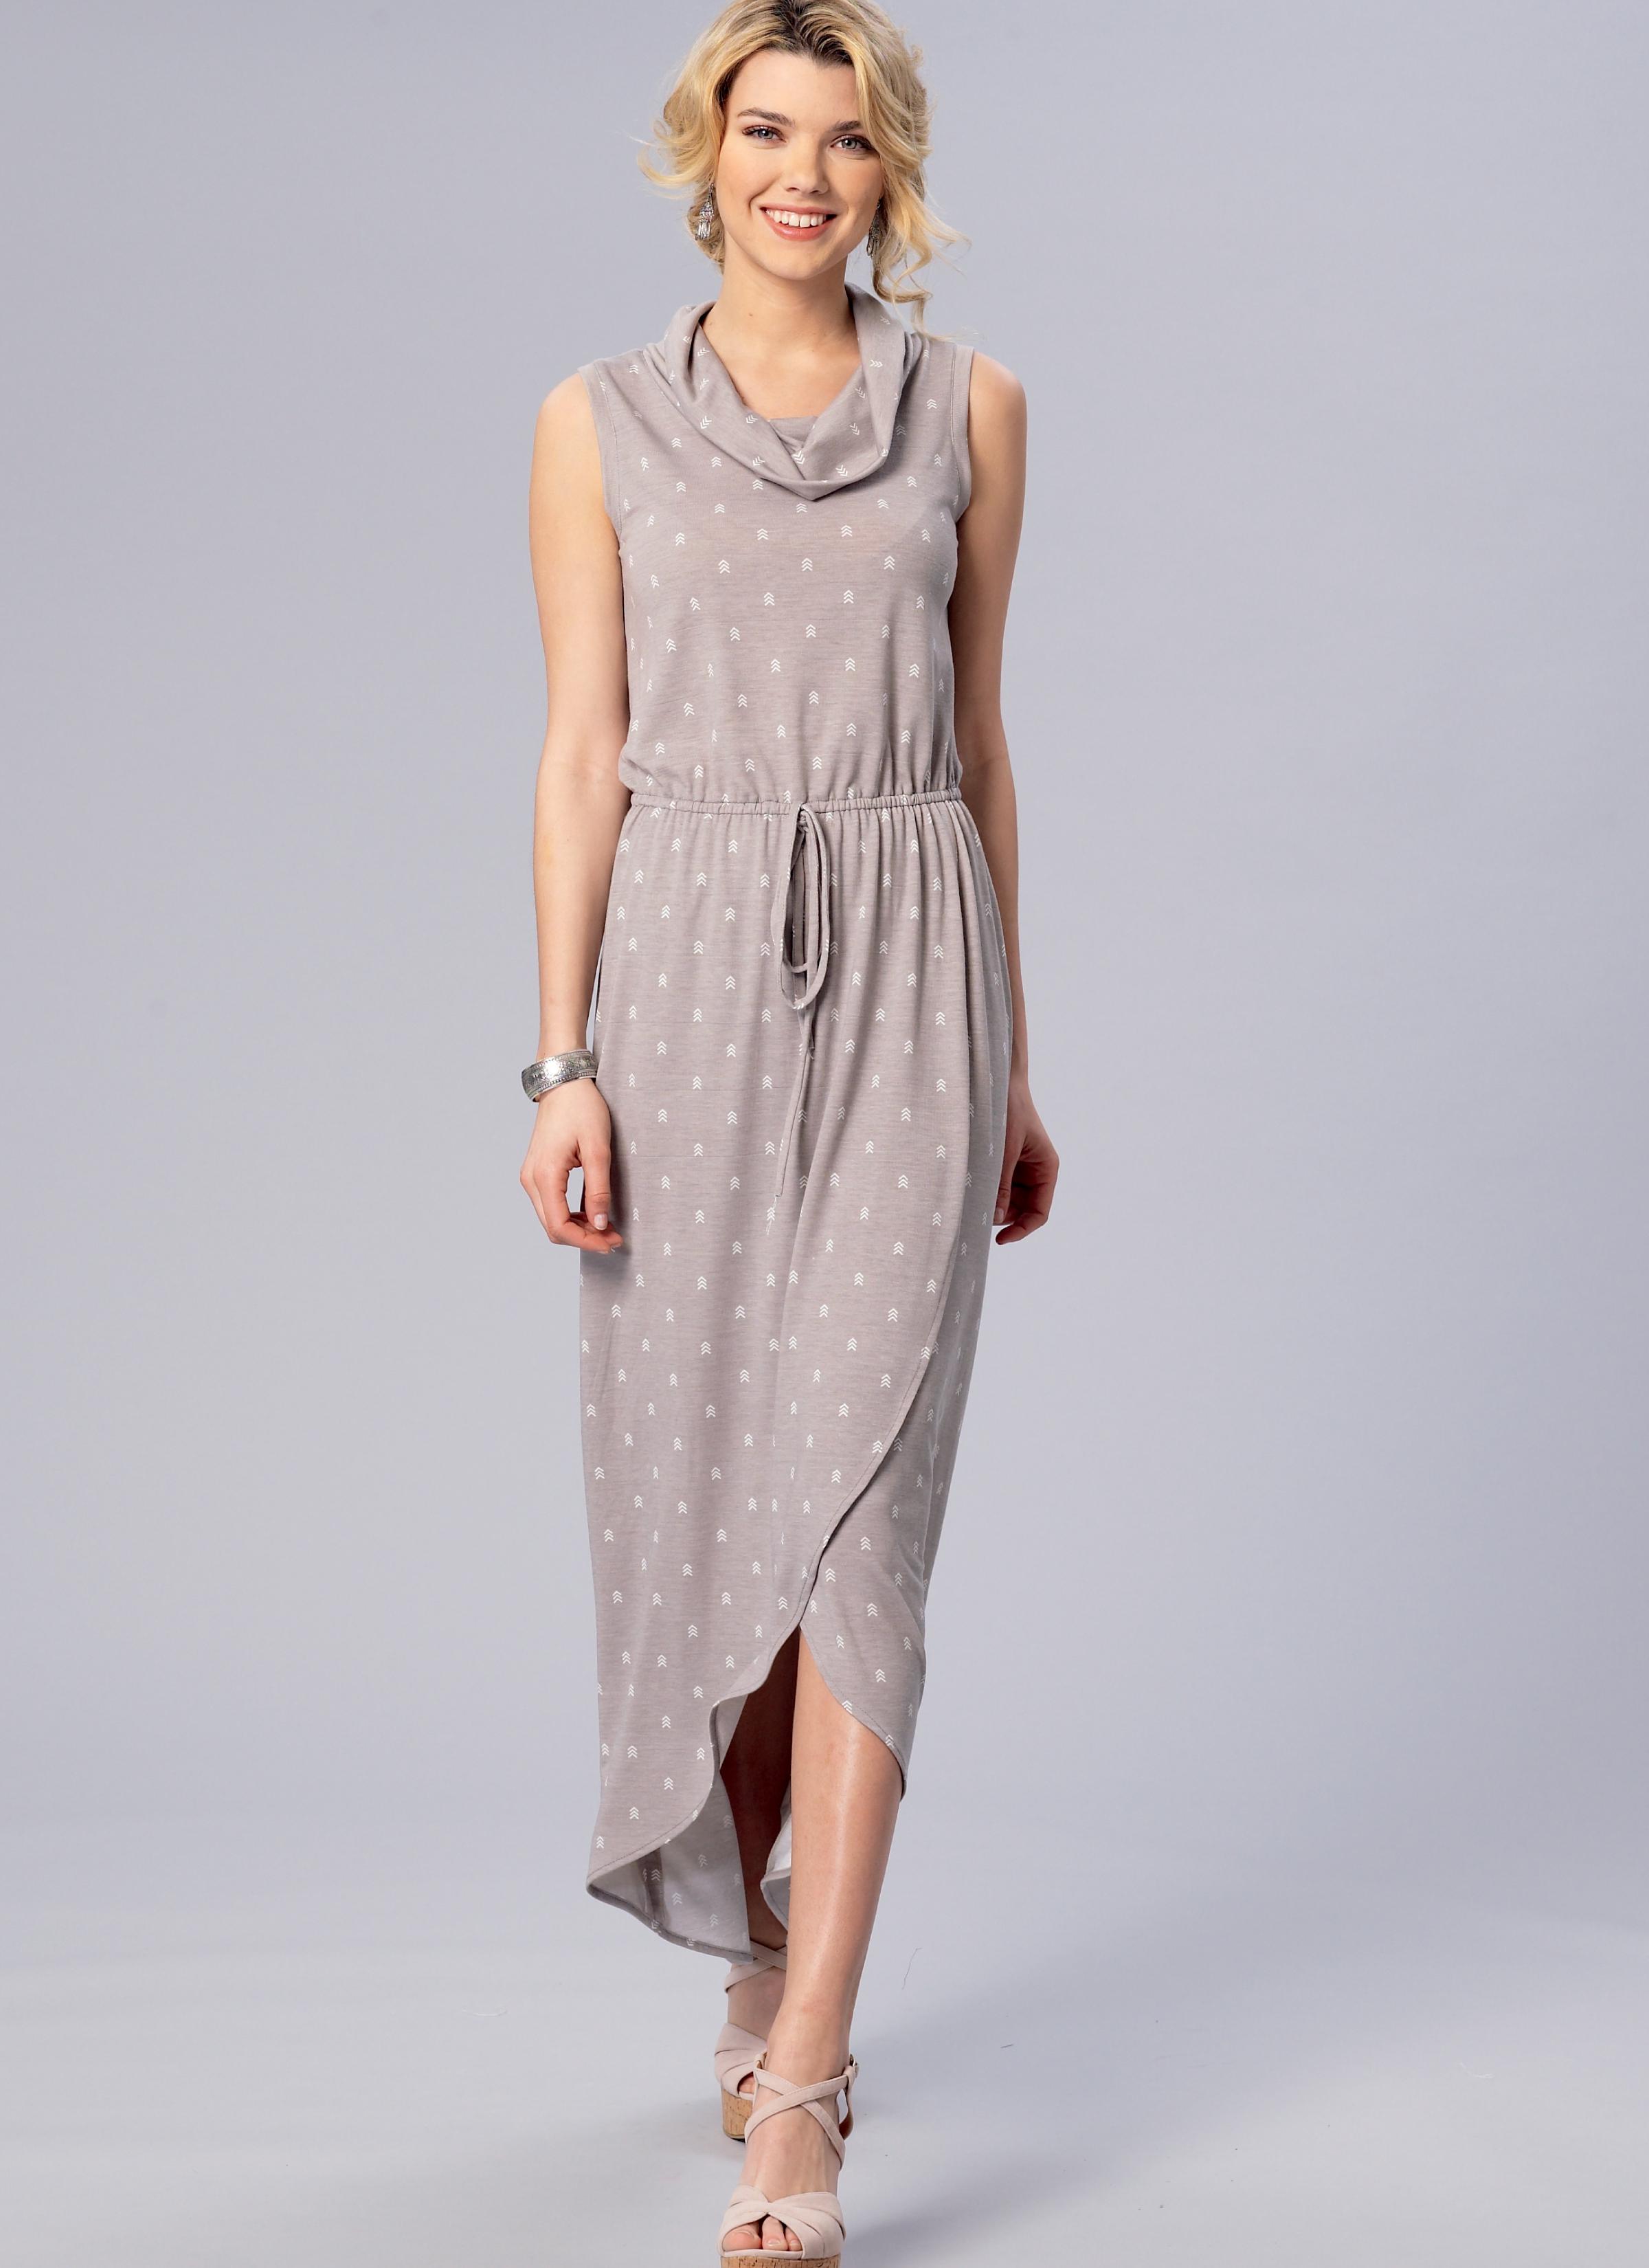 Kwik Sew 4171 Misses Elastic Waist Tulip Hem Dresses